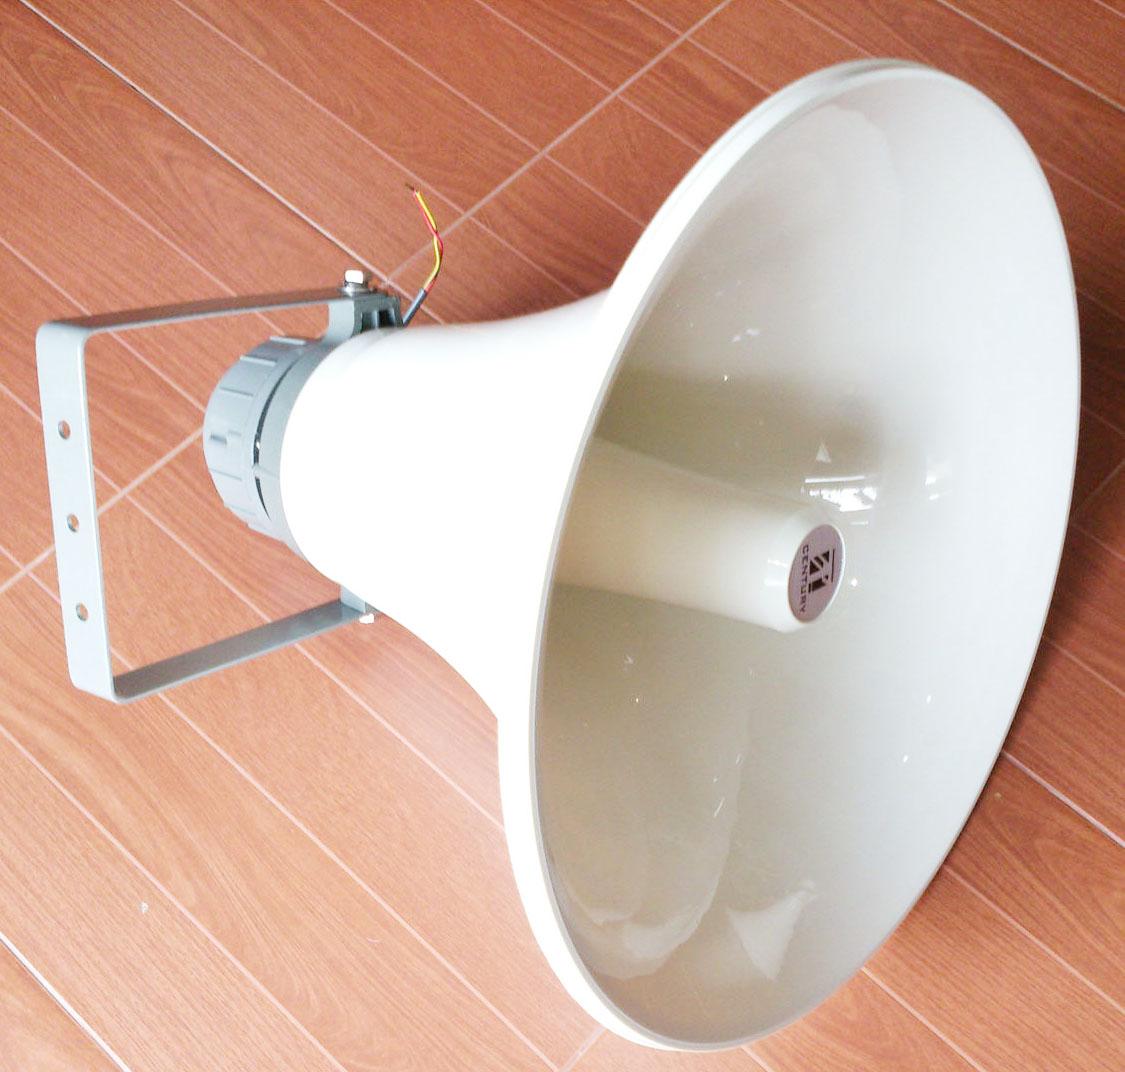 Khi mua thiết bị âm thanh TOA bạn cần chú ý những gì?